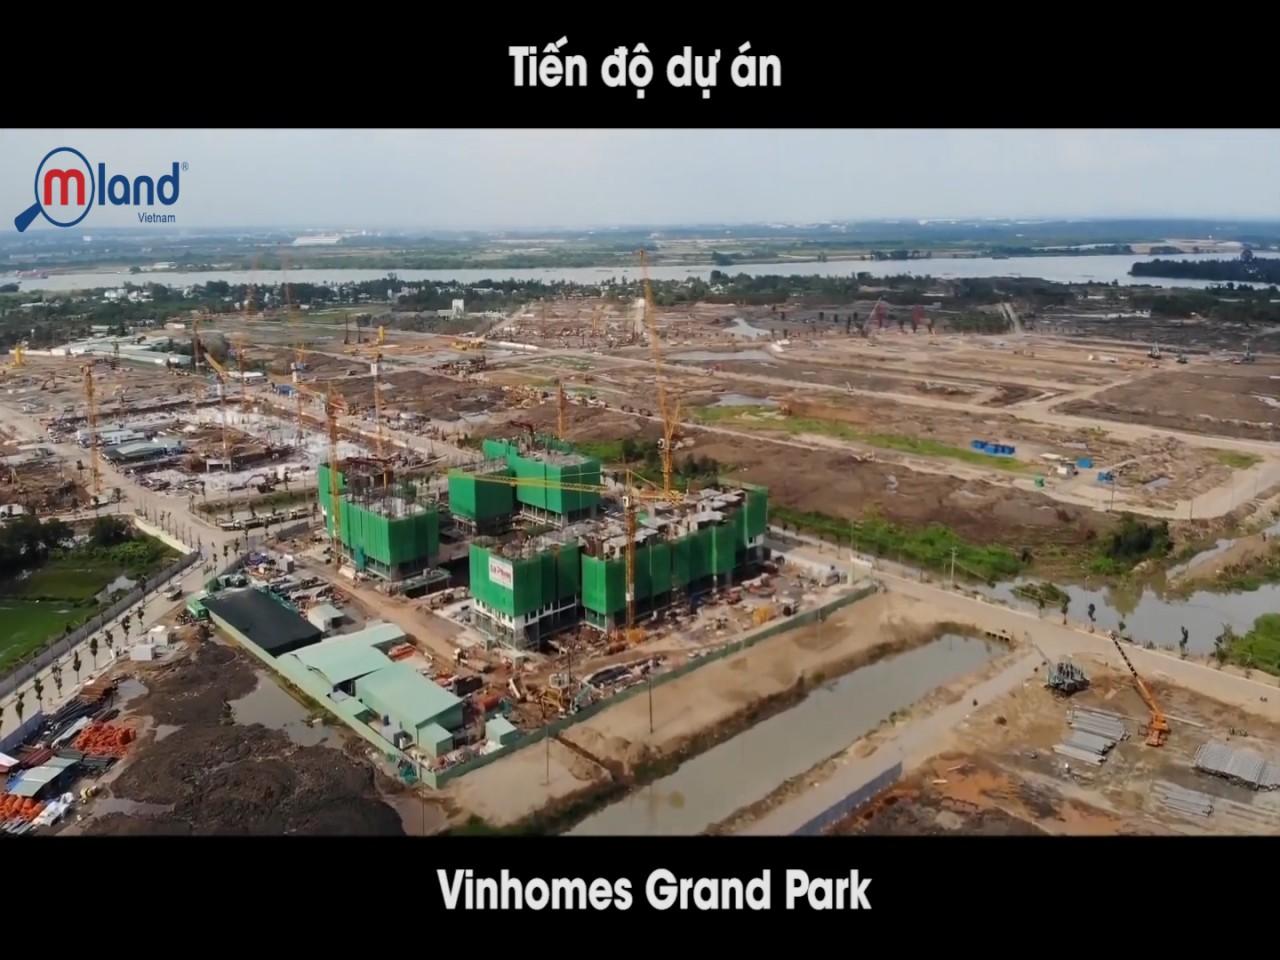 Cập nhật tiến độ xây dựng Vinhomes Grand Park Tháng 6/2019